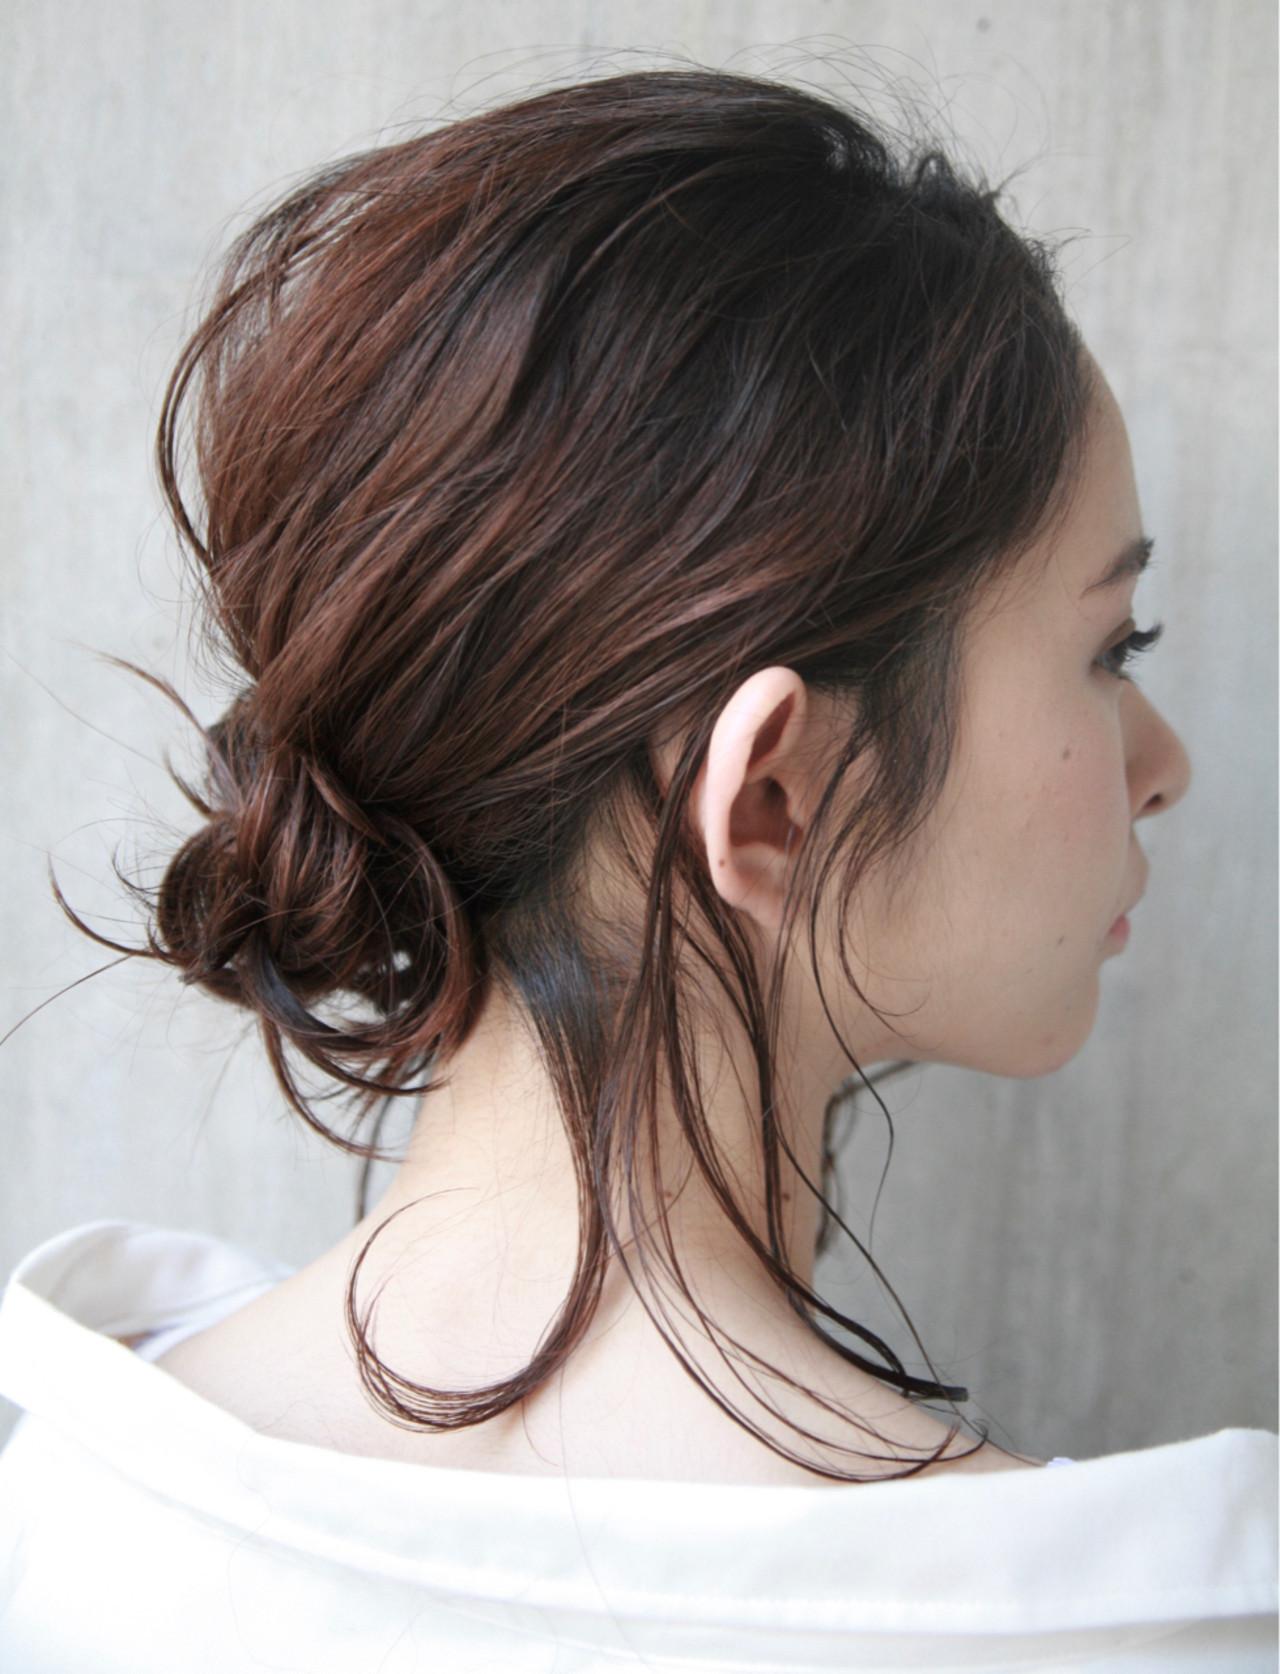 ナチュラル 簡単ヘアアレンジ 夏 ヘアアレンジ ヘアスタイルや髪型の写真・画像